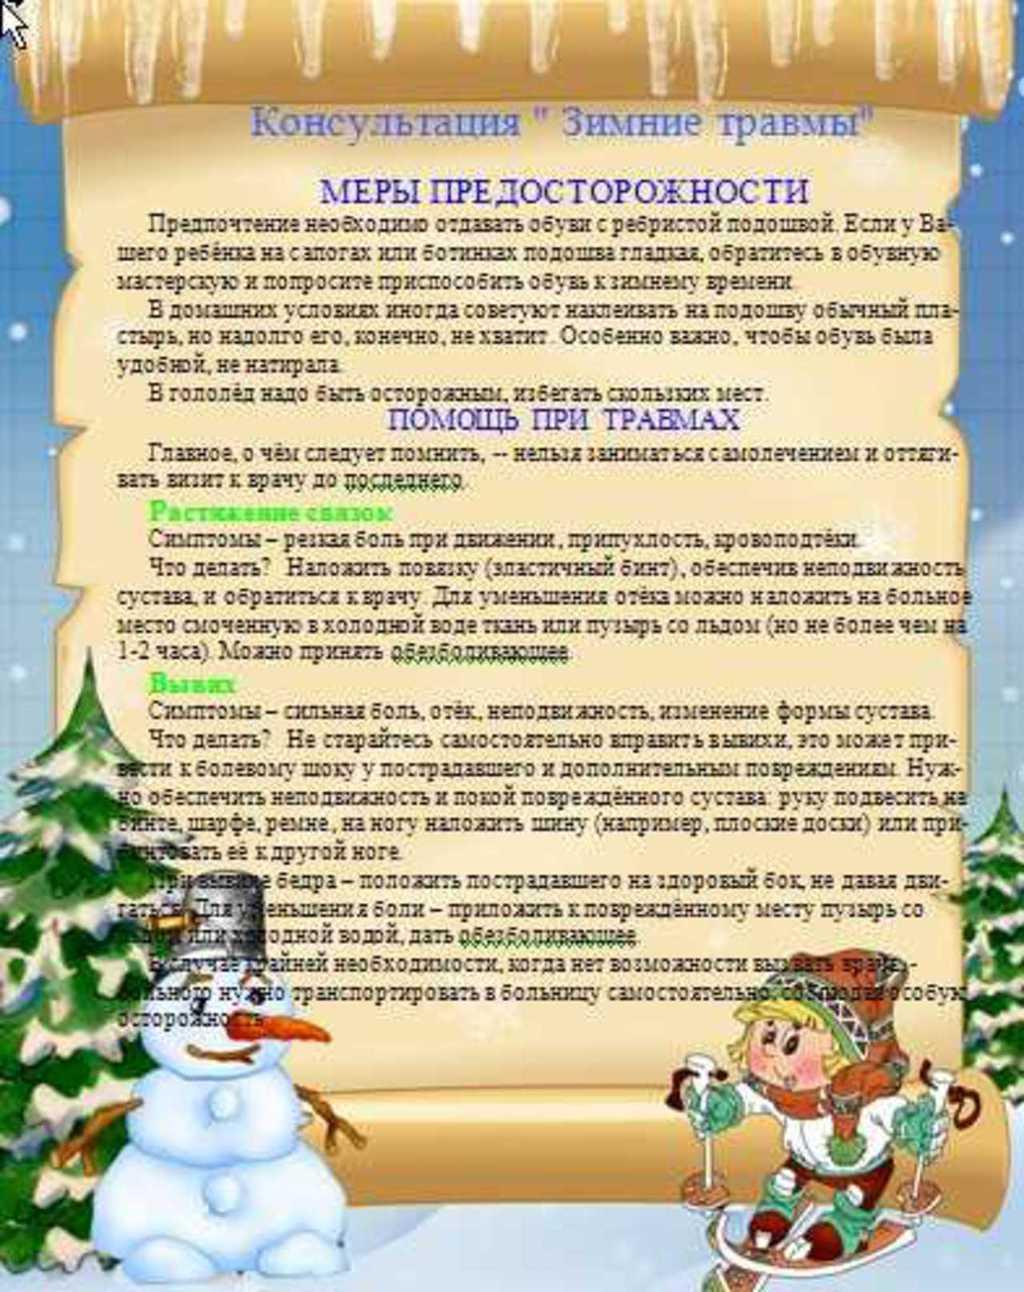 http://smdetsad8.rusedu.net/gallery/1735/330026694634_20-jul.-25-14.15.jpg